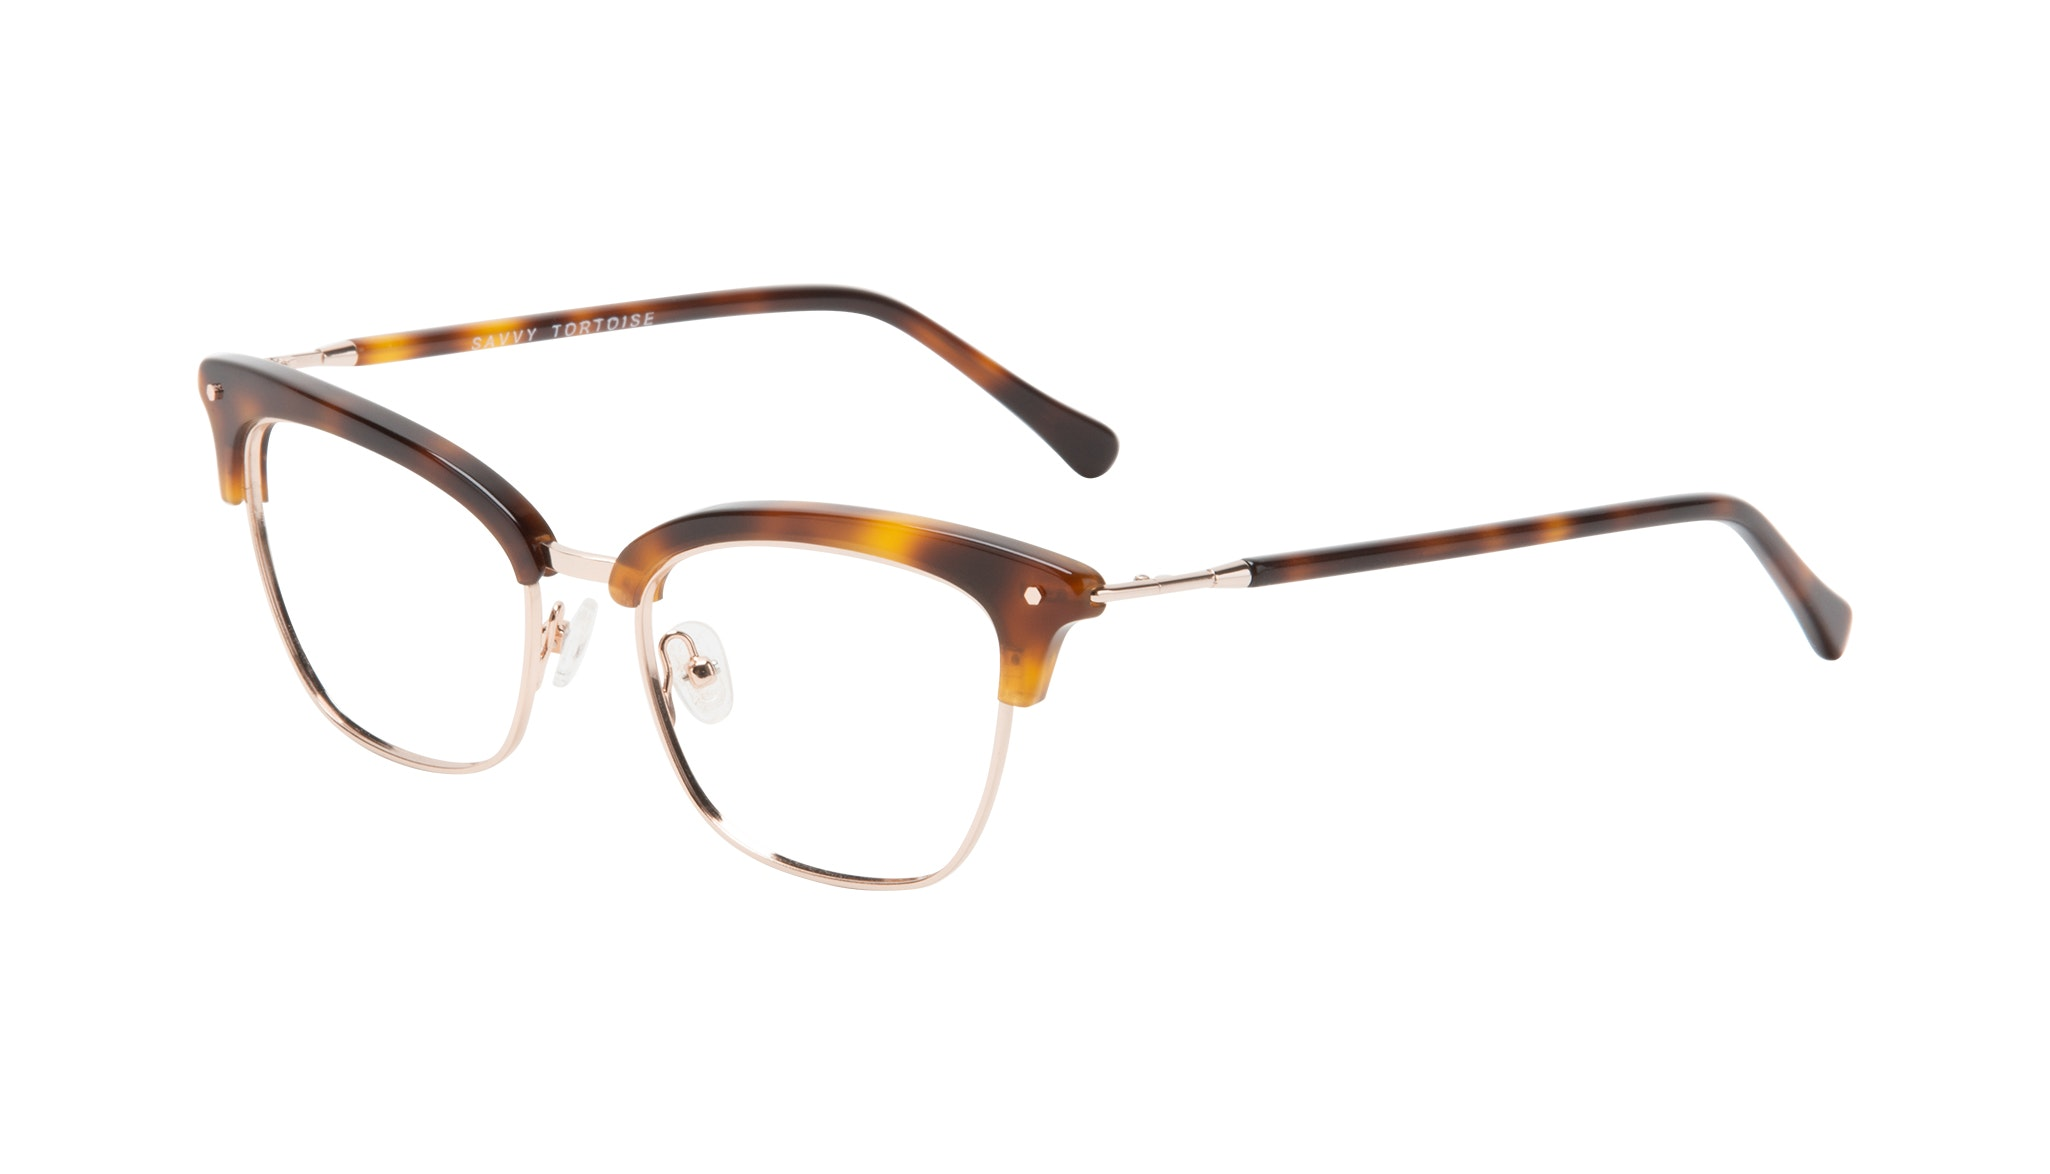 Affordable Fashion Glasses Cat Eye Eyeglasses Women Savvy Tortoise Tilt